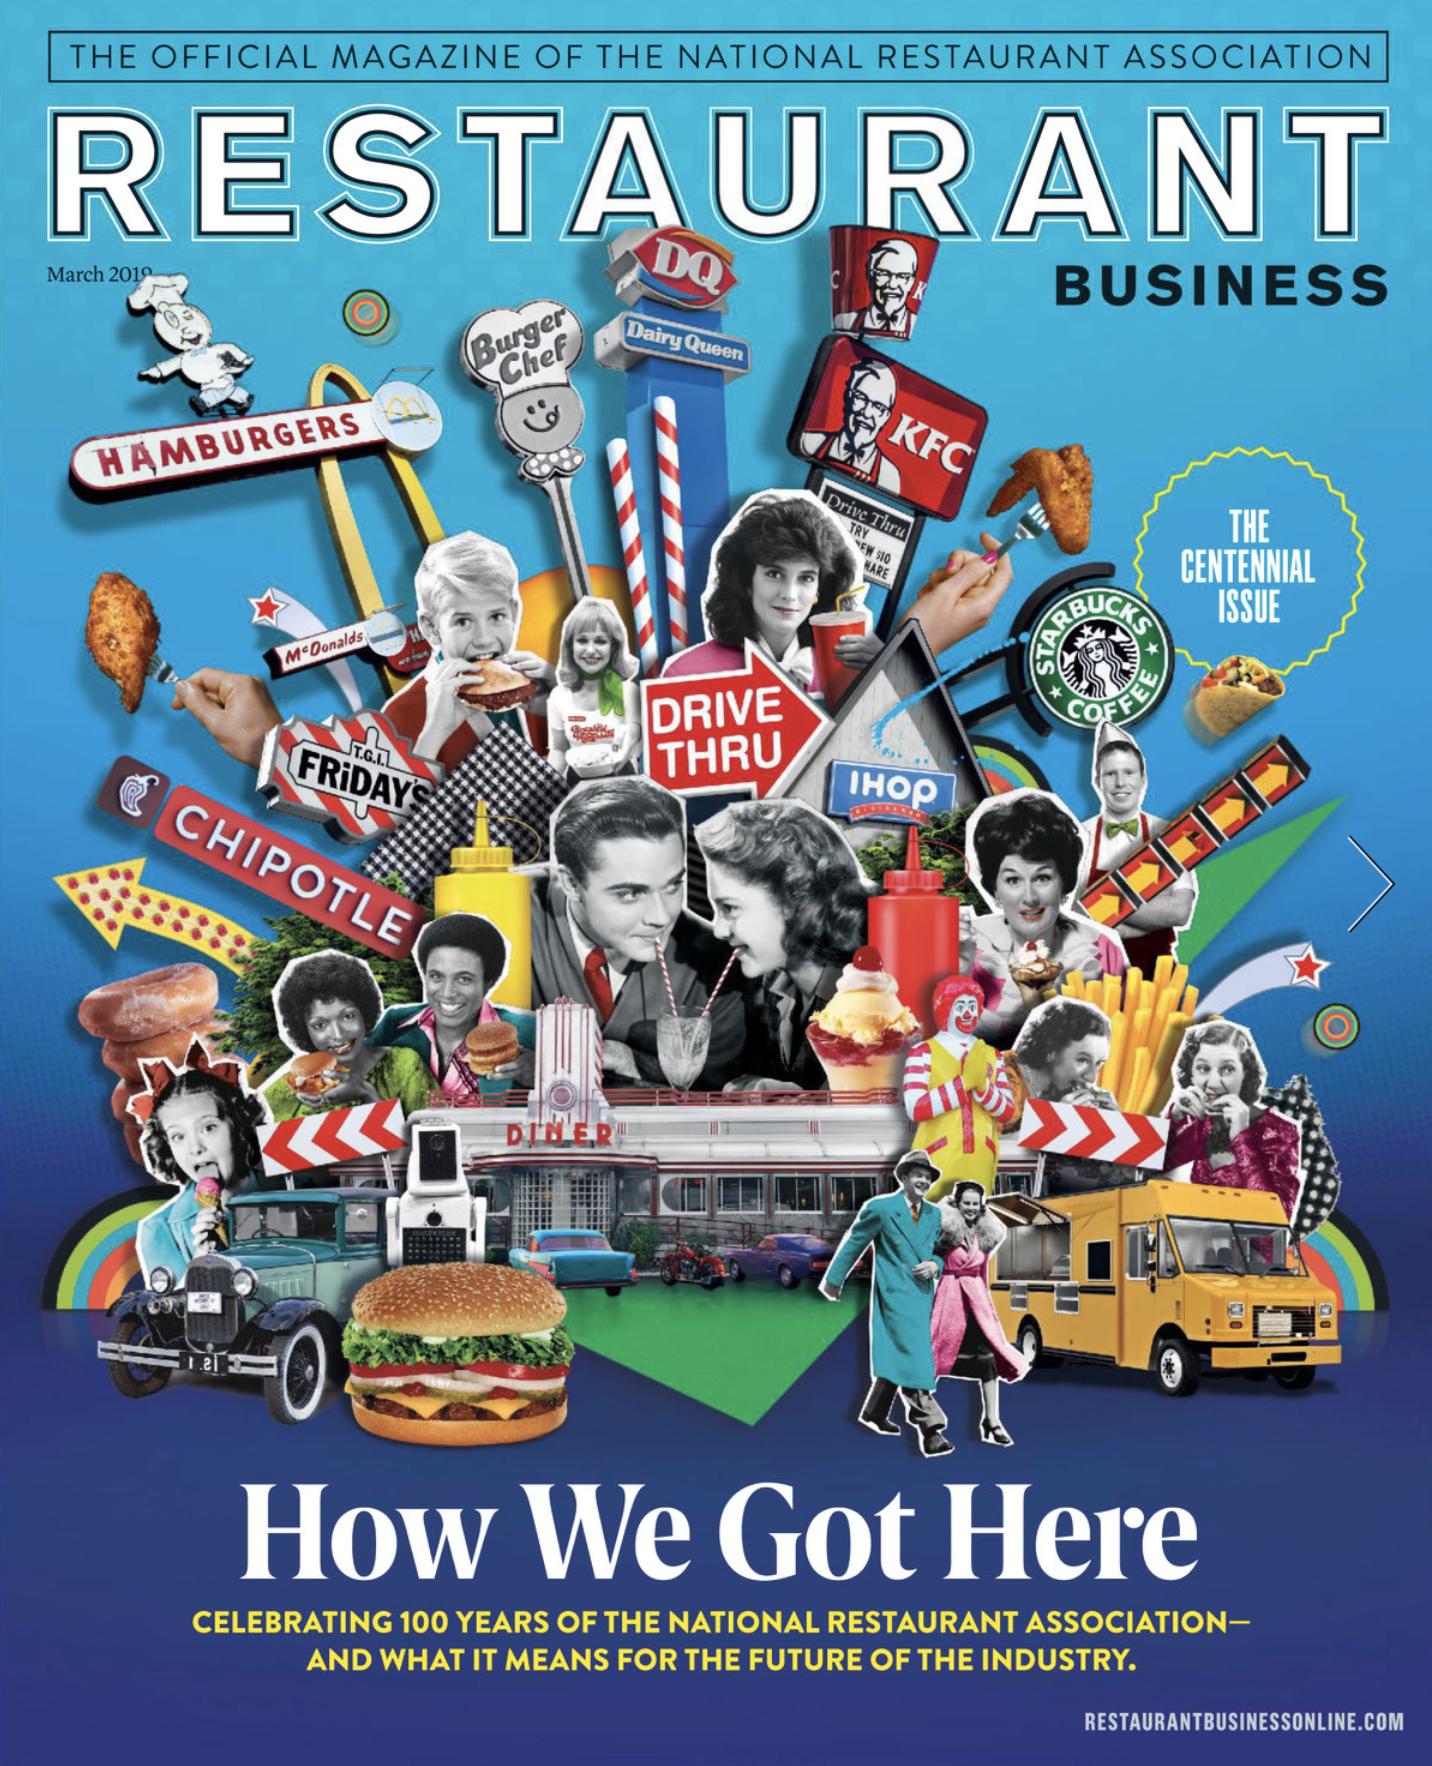 Restaurant Business Magazine March 2019 Issue